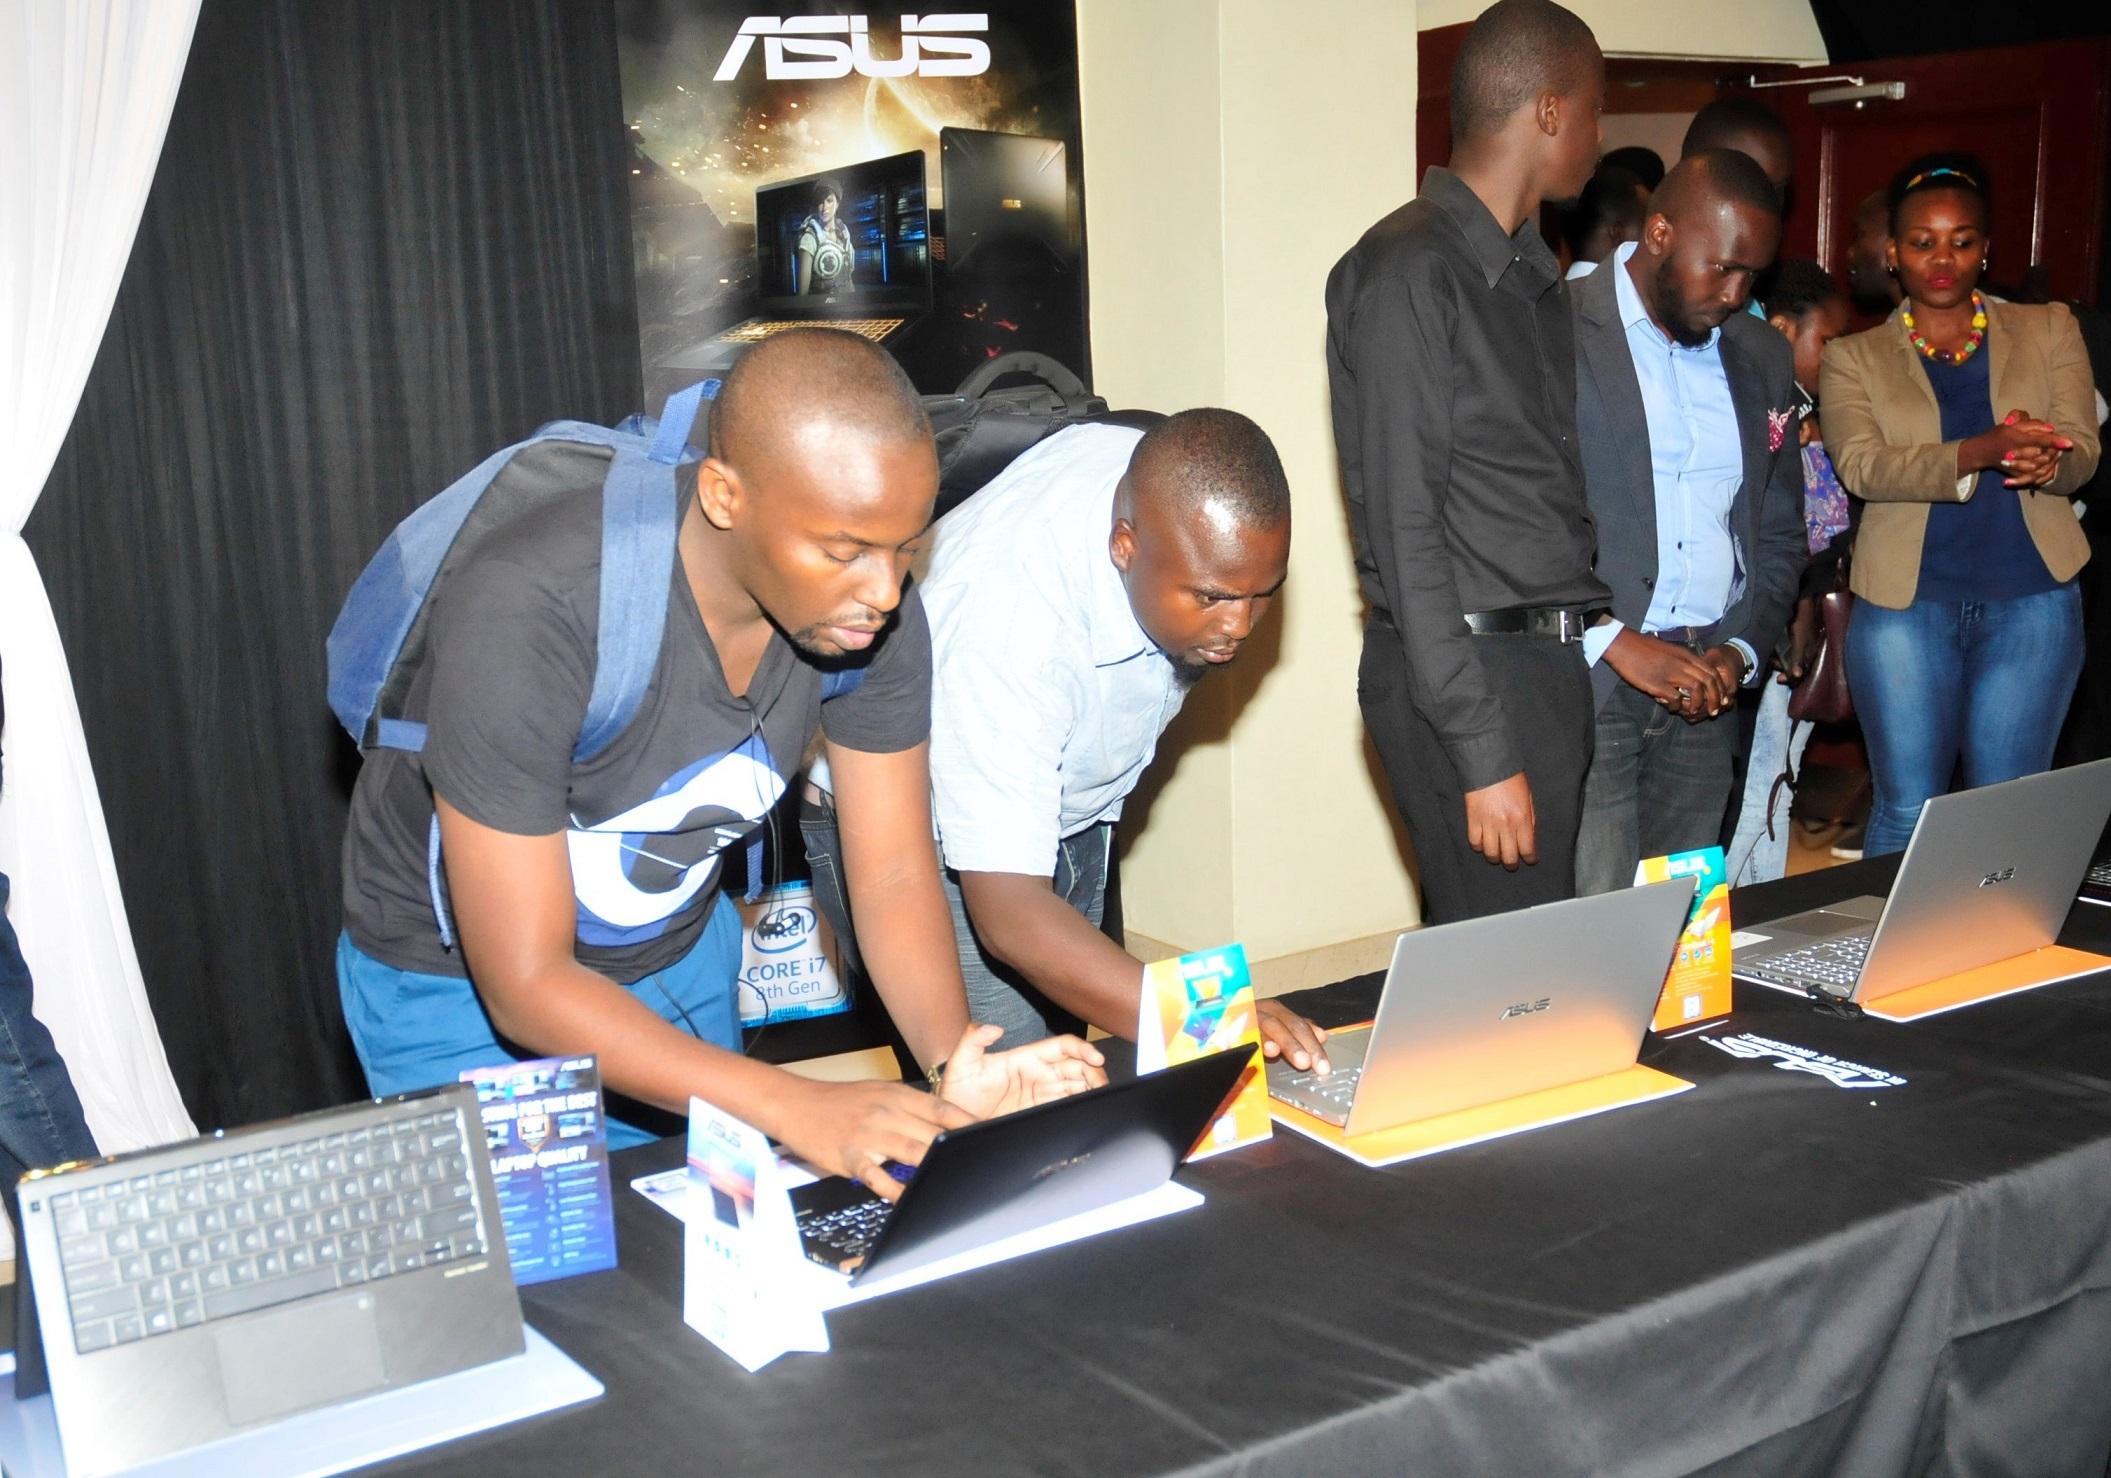 華碩 將全系列的筆電產品帶給非洲的消費者。